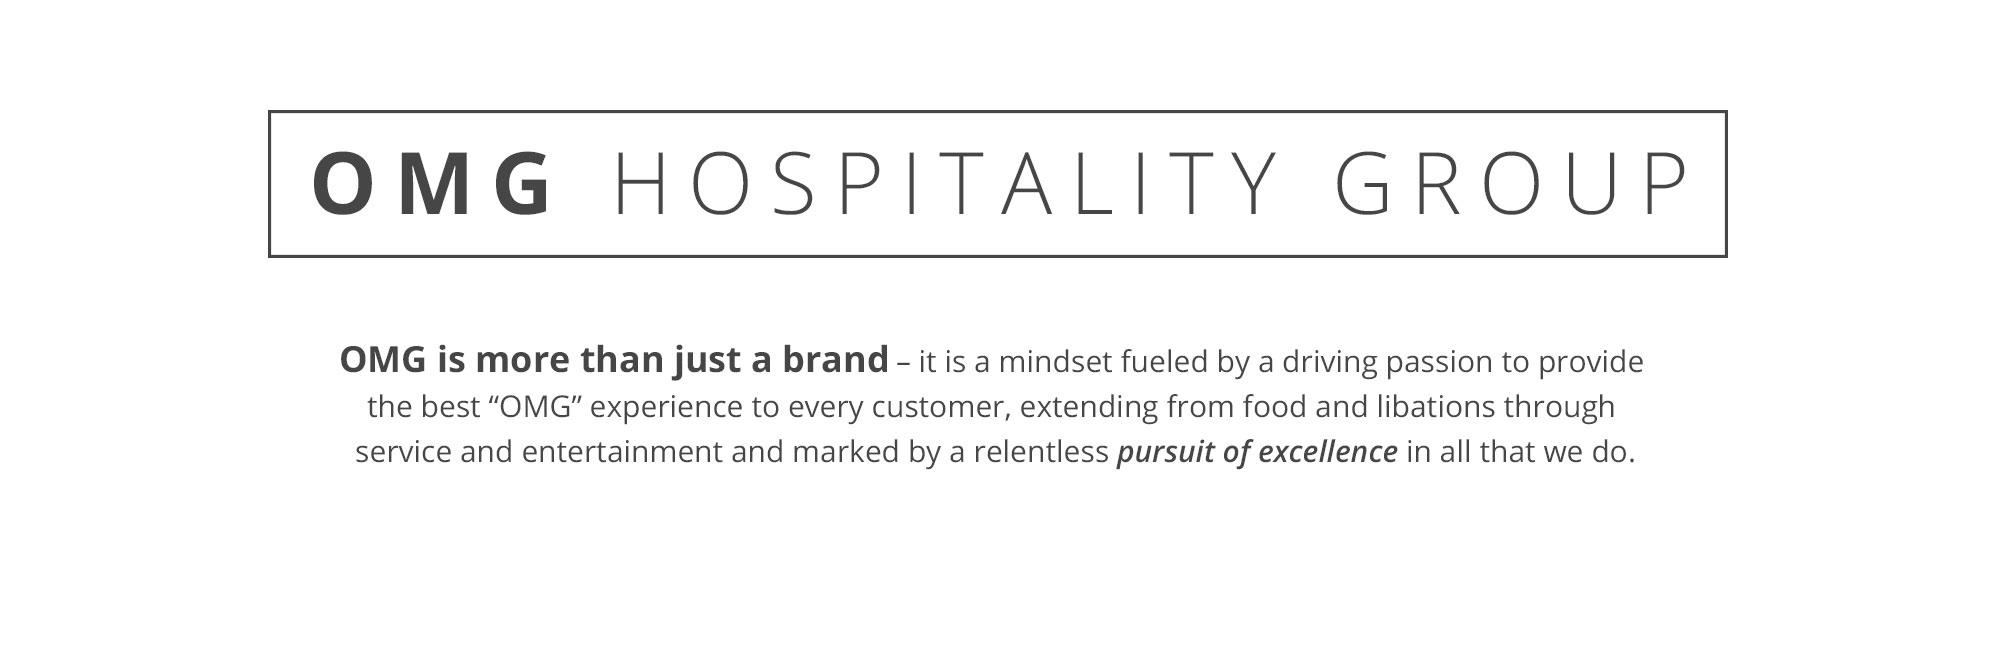 Home - OMG Hospitality Group